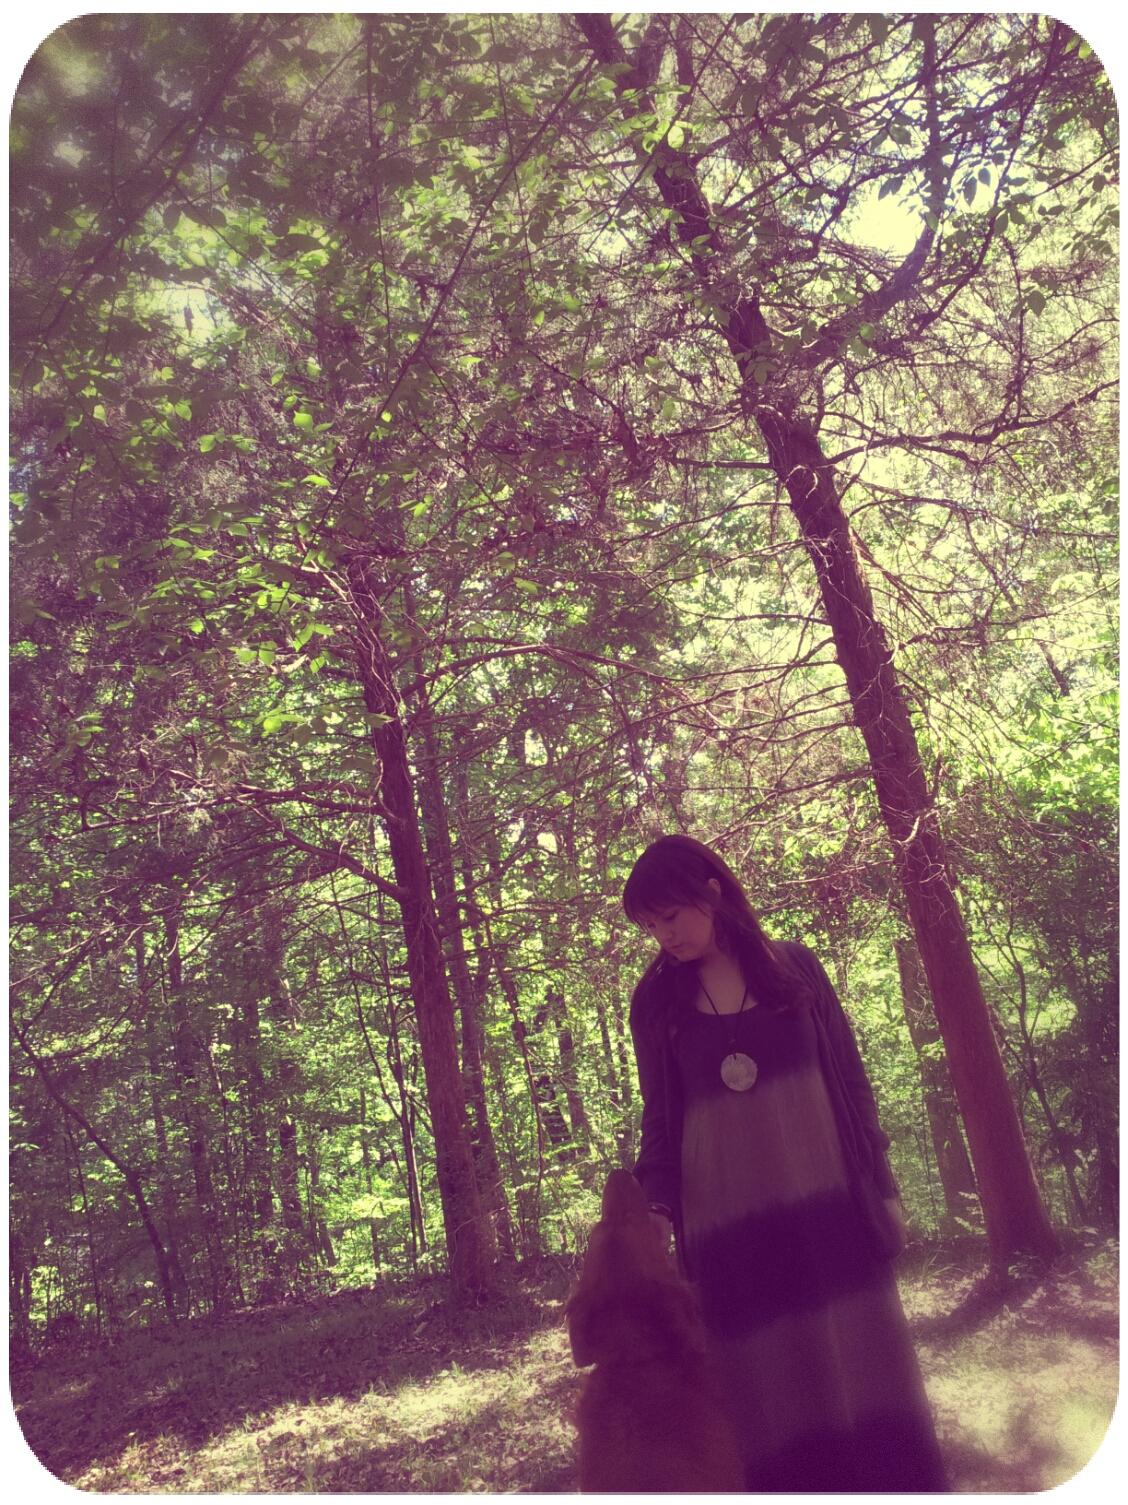 2012-04-23 15.13.03_Melissa_Round.jpg